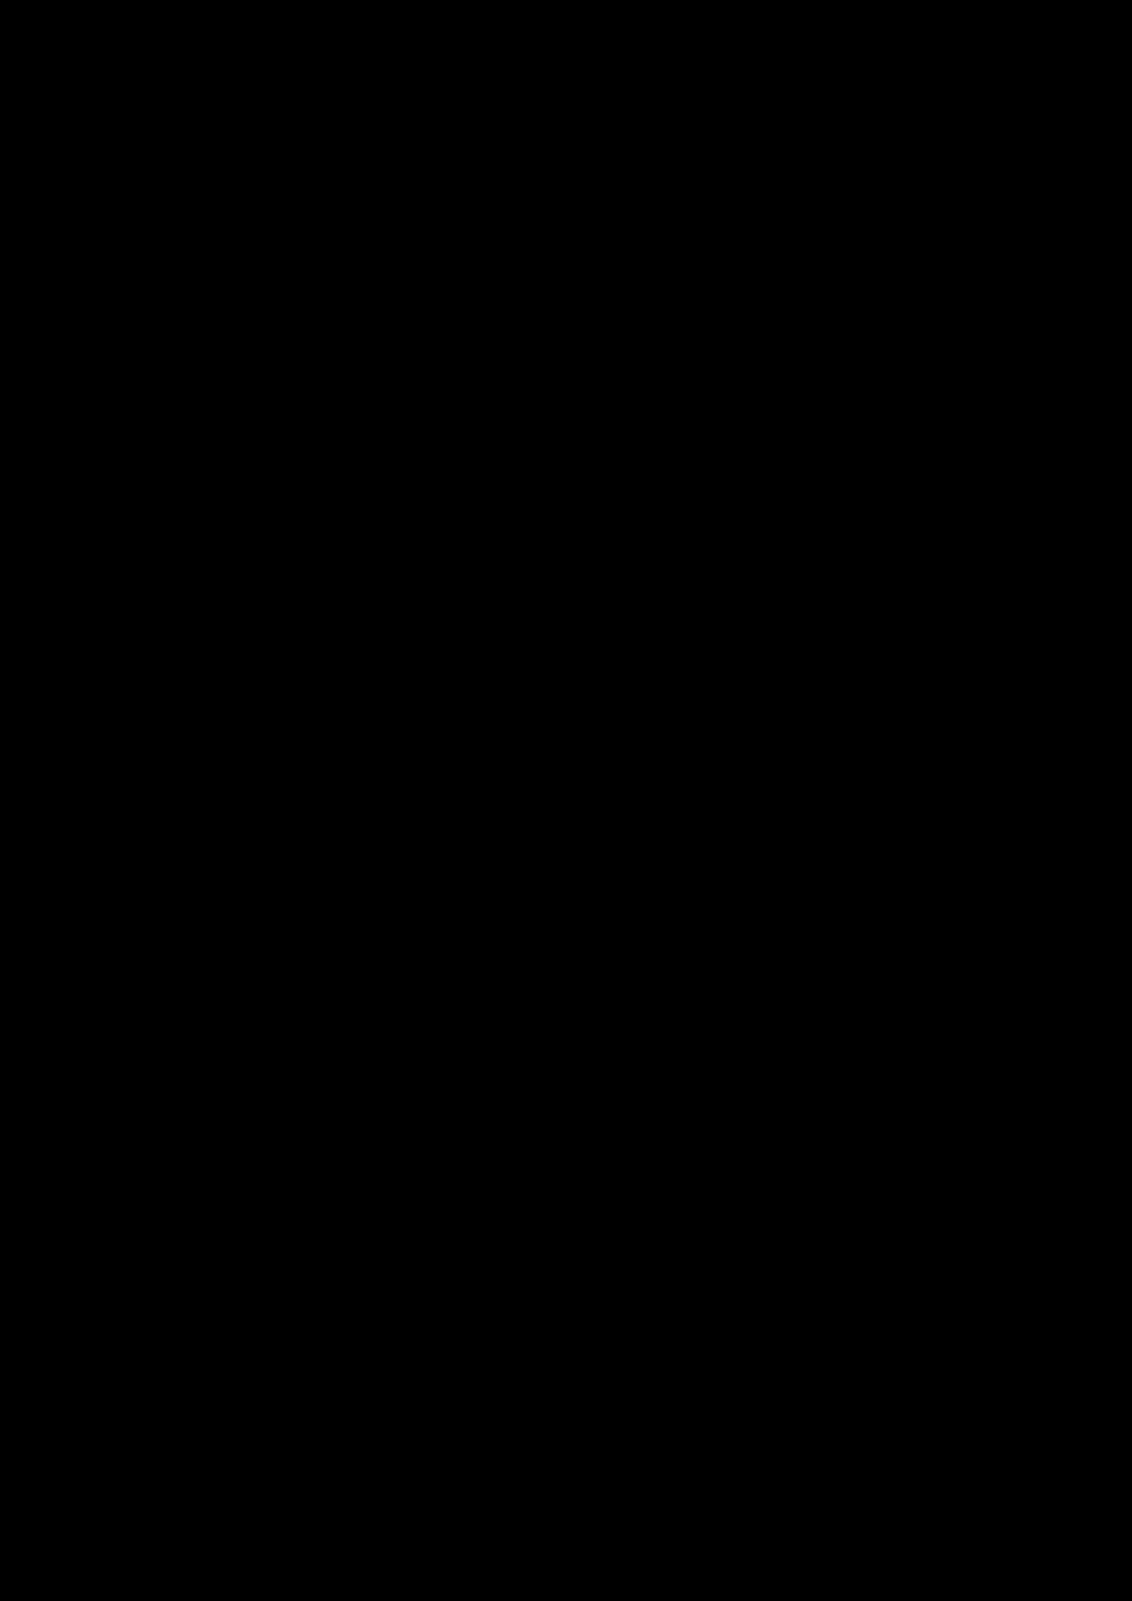 Zagadka volshebnoy stranyi slide, Image 184